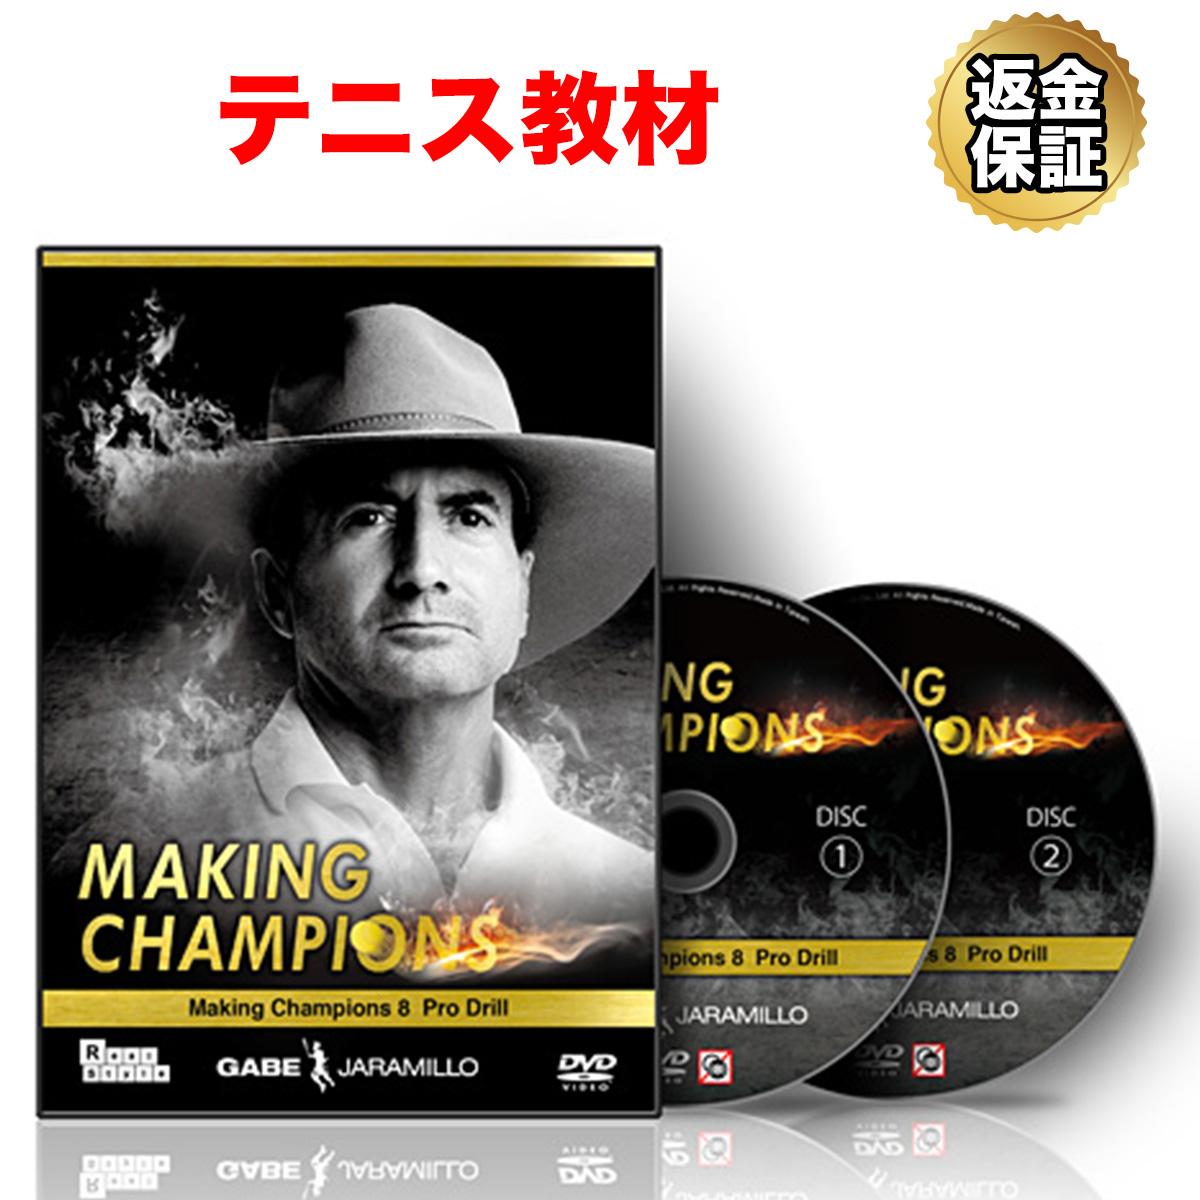 【テニス】Making Champions 8 Pro Dill